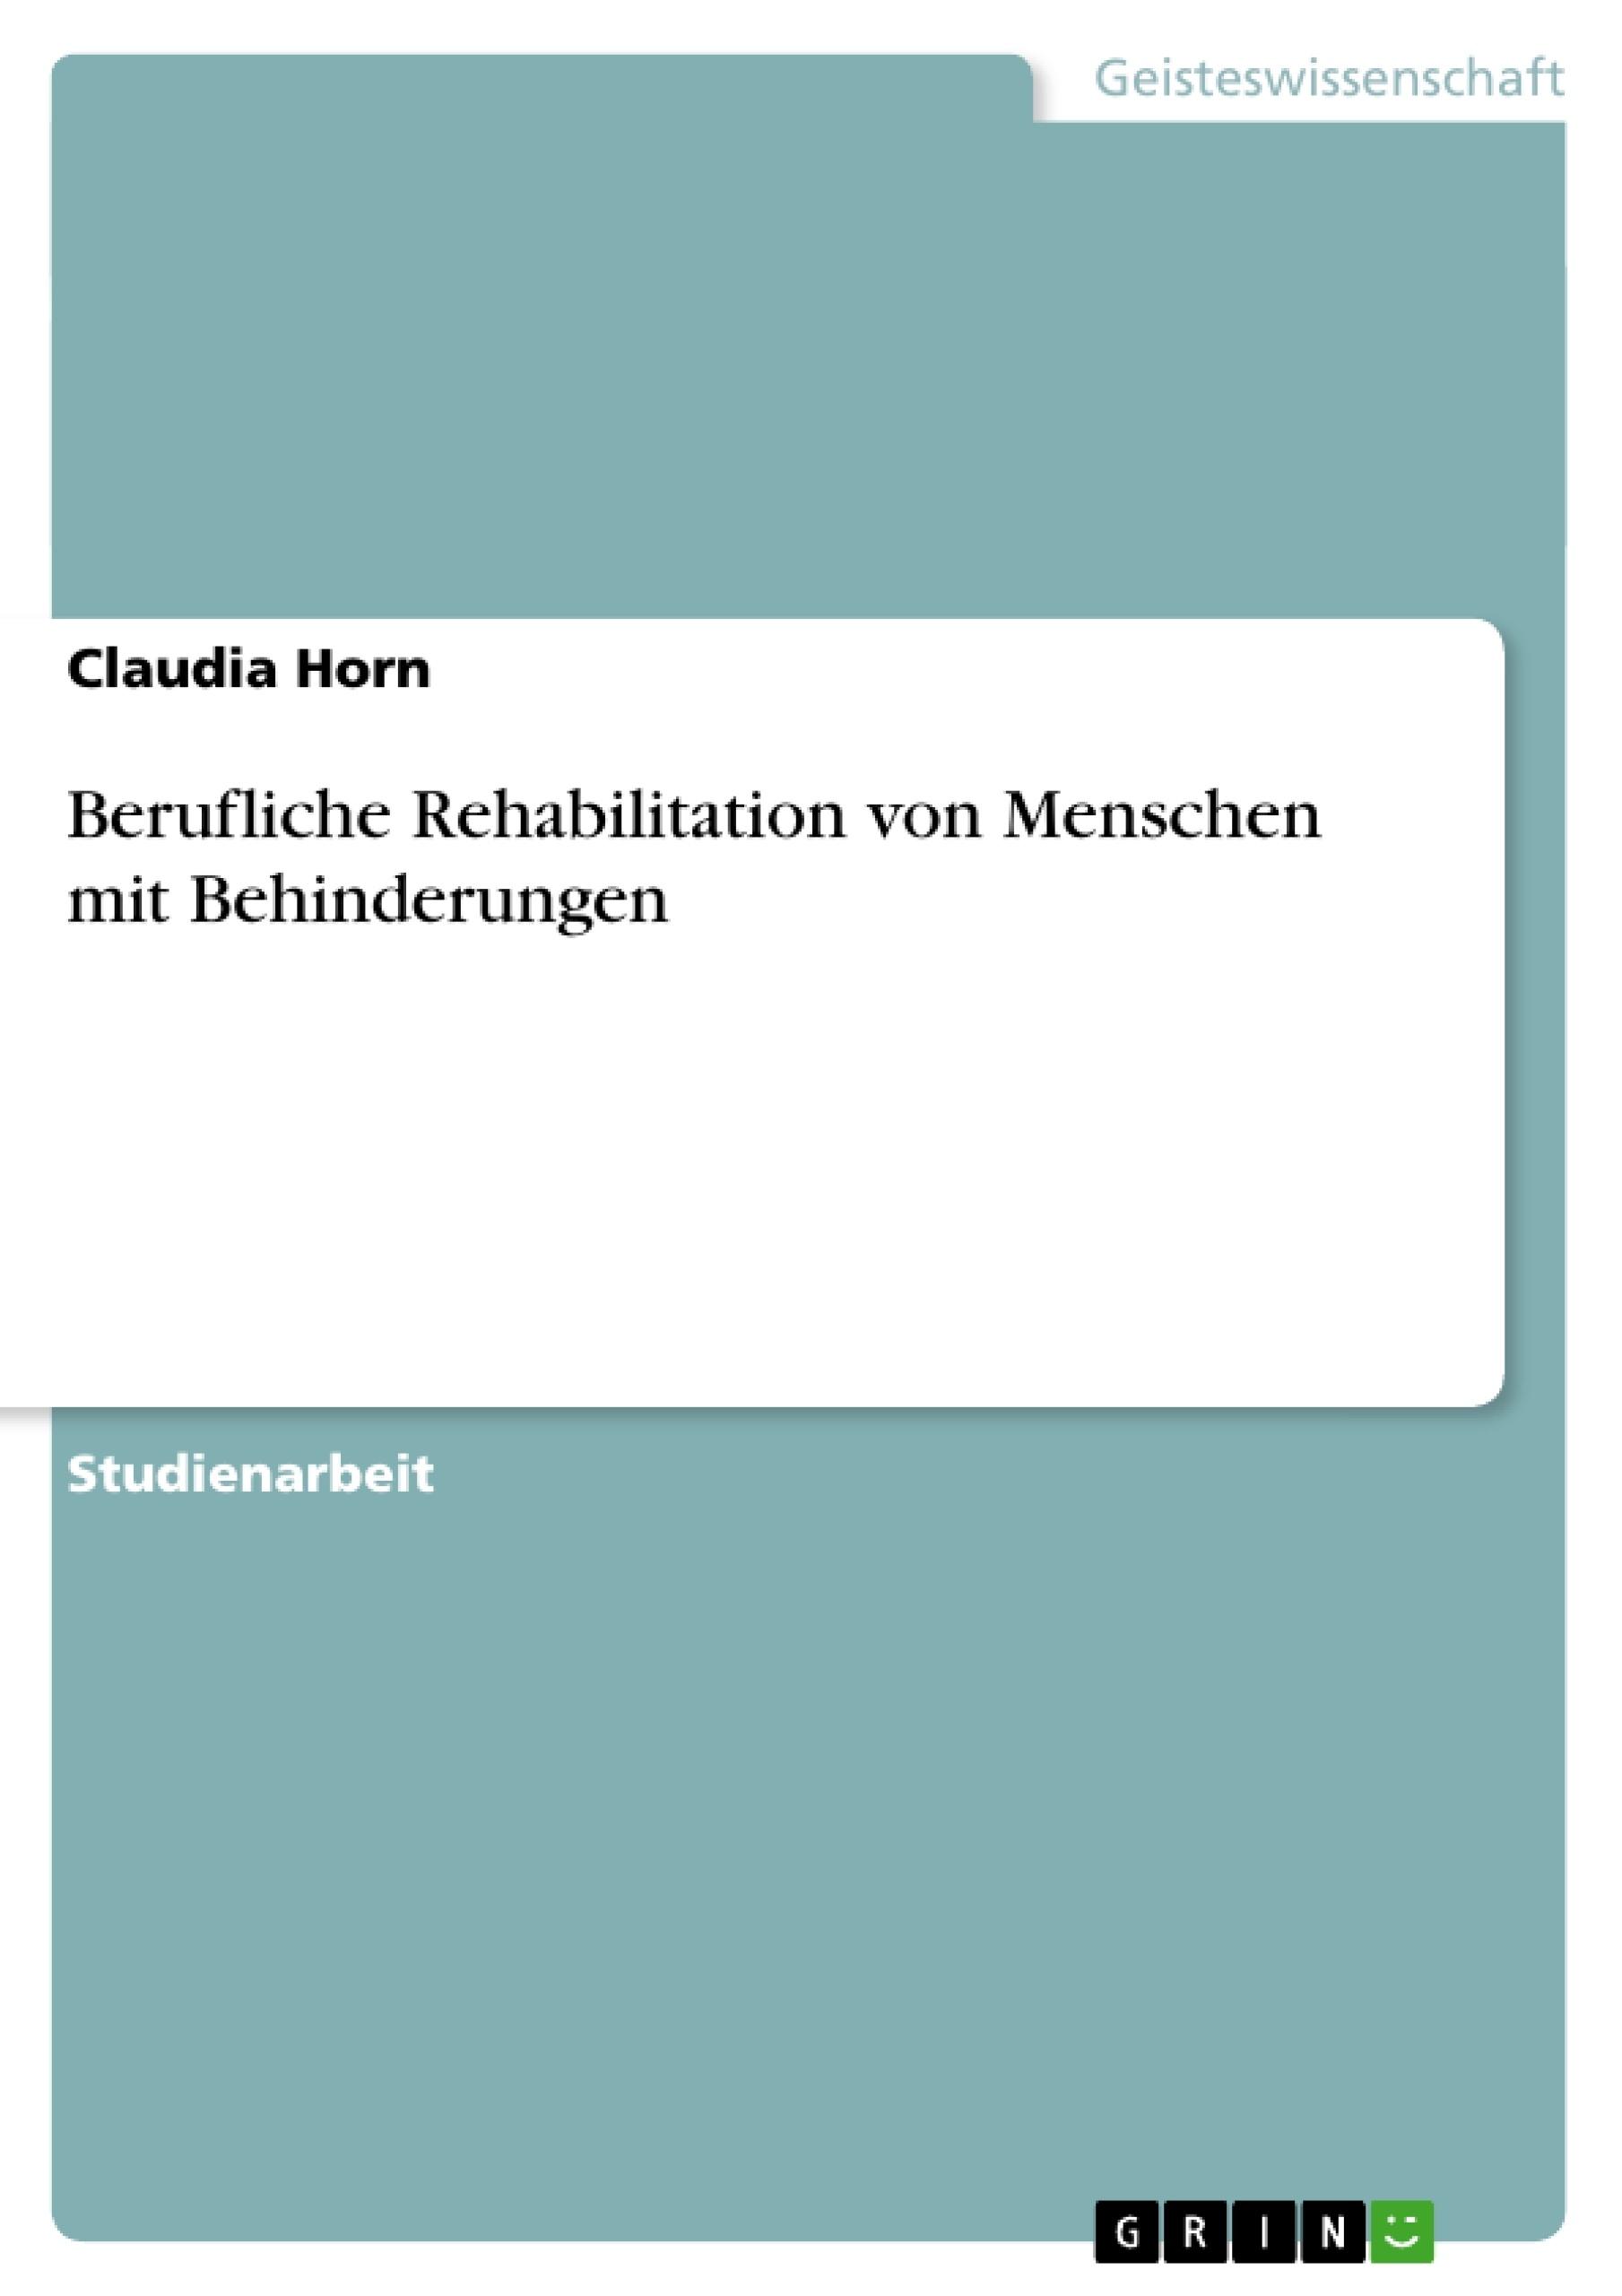 Berühmt Berufliche Ziele Der Schablone Wieder Aufnehmen ...